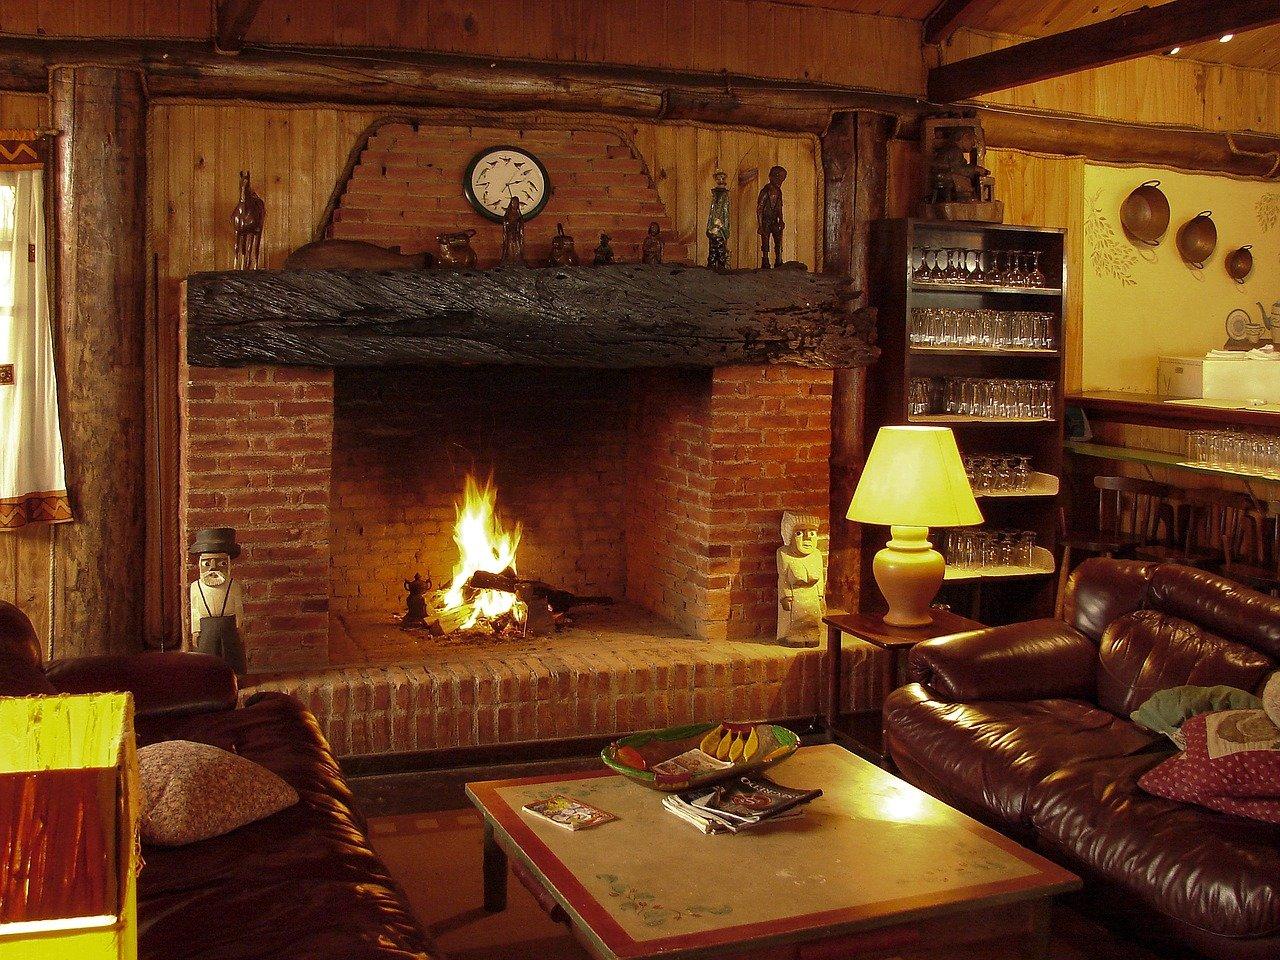 Entretien de la cheminee